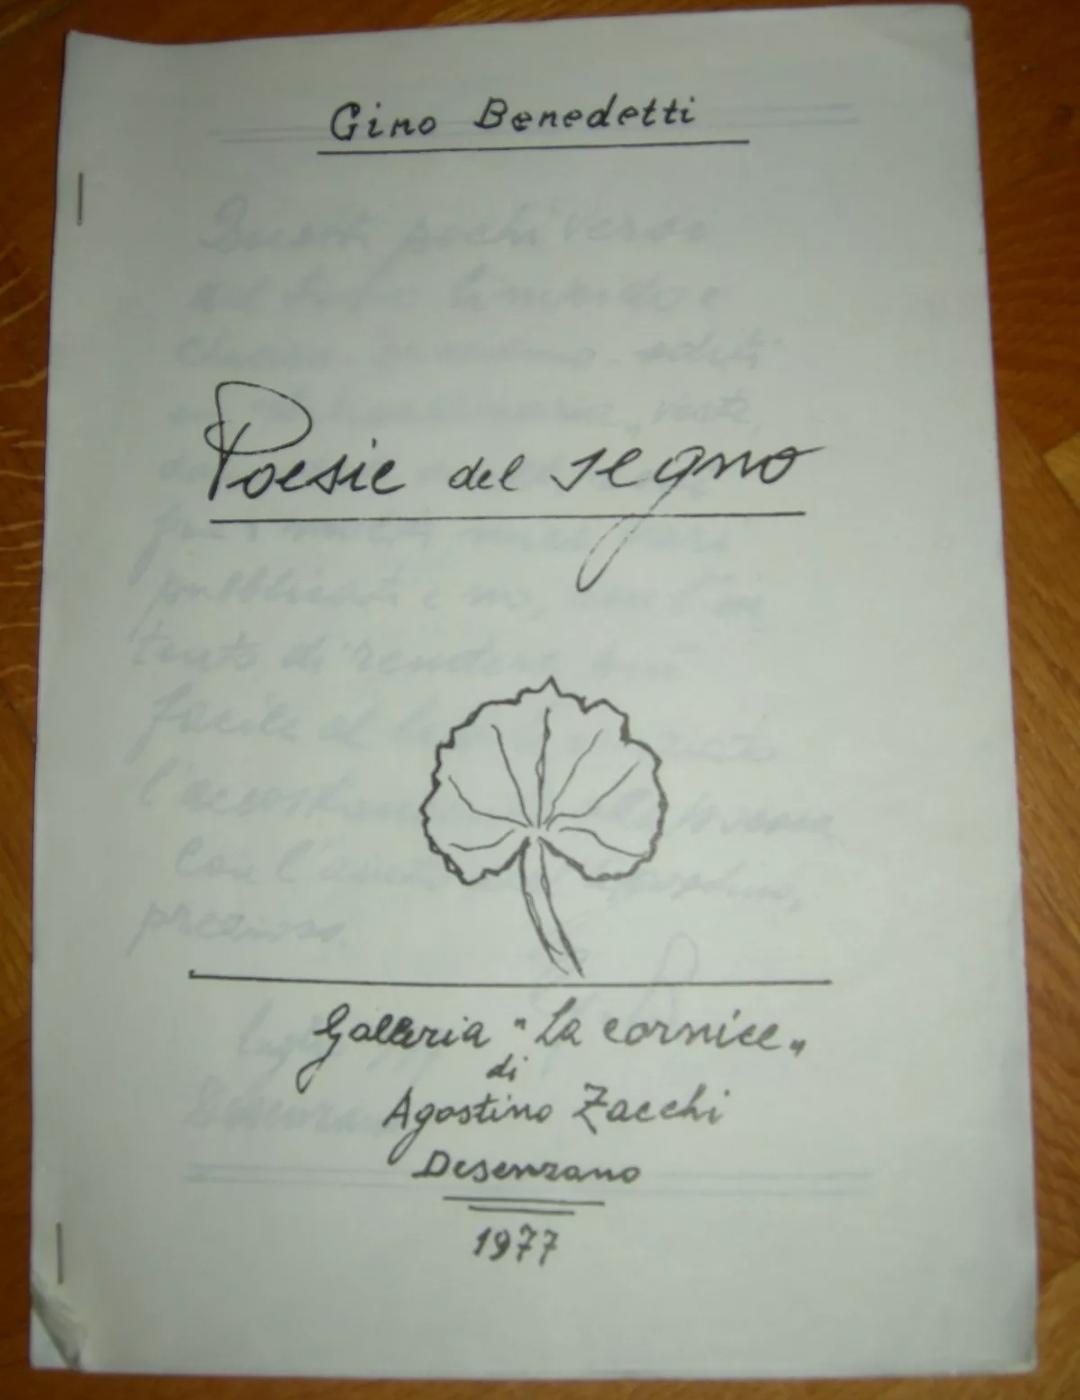 POESIE DI GINO BENEDETTI POESIE DEL SEGNO ANNO 1977. Edizione introvabile. A 10 €.